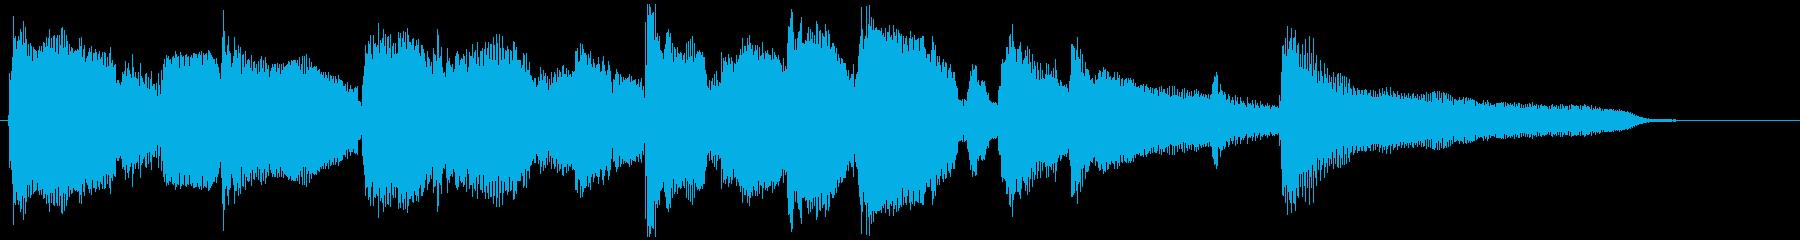 優しく柔らかい日常的なエピローグジングルの再生済みの波形